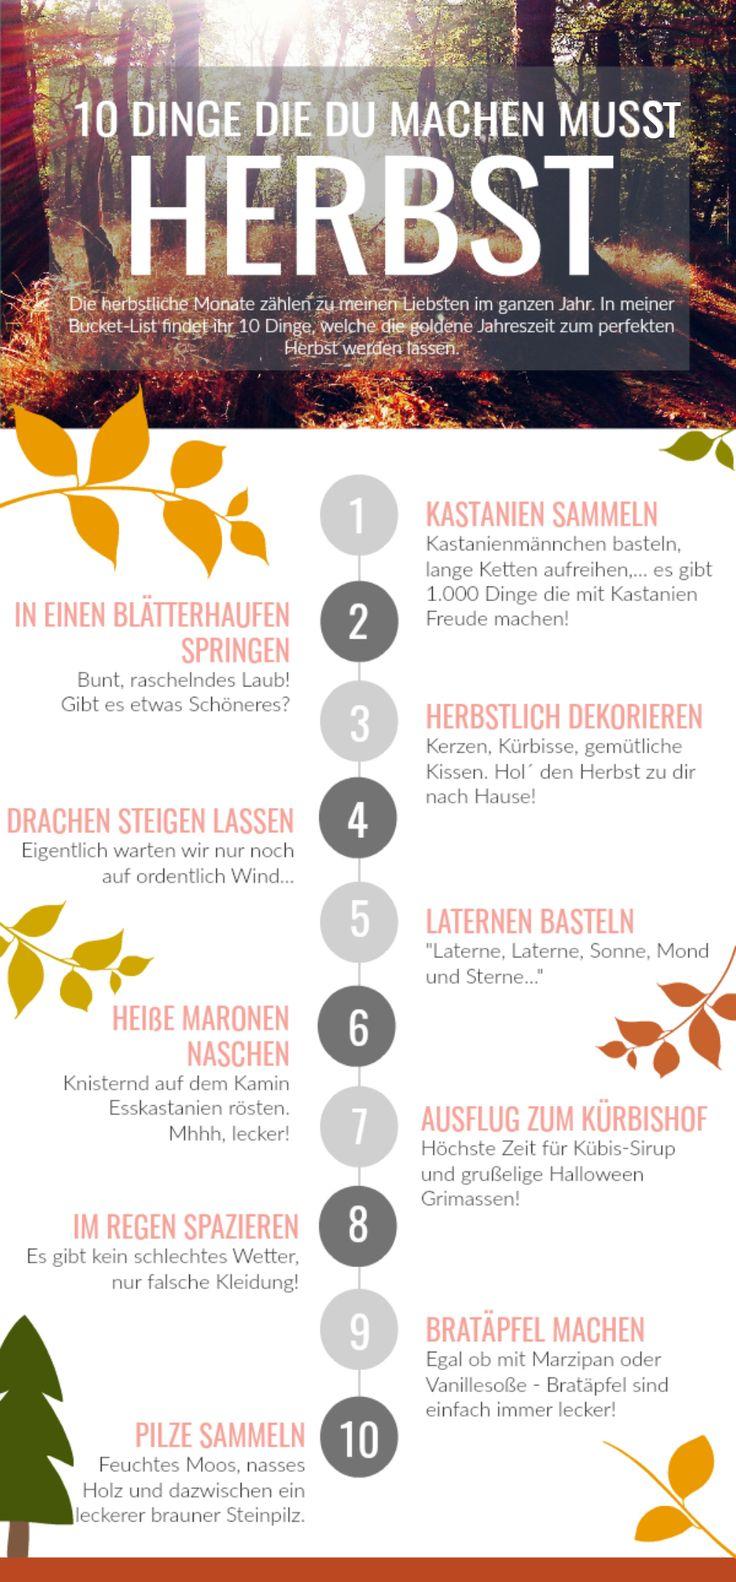 Herbst Bucket-List – Shades of Nature // Beauty, Baby, Healthy Lifestyle. Der tägliche Wahnsinn – natürlich schön!